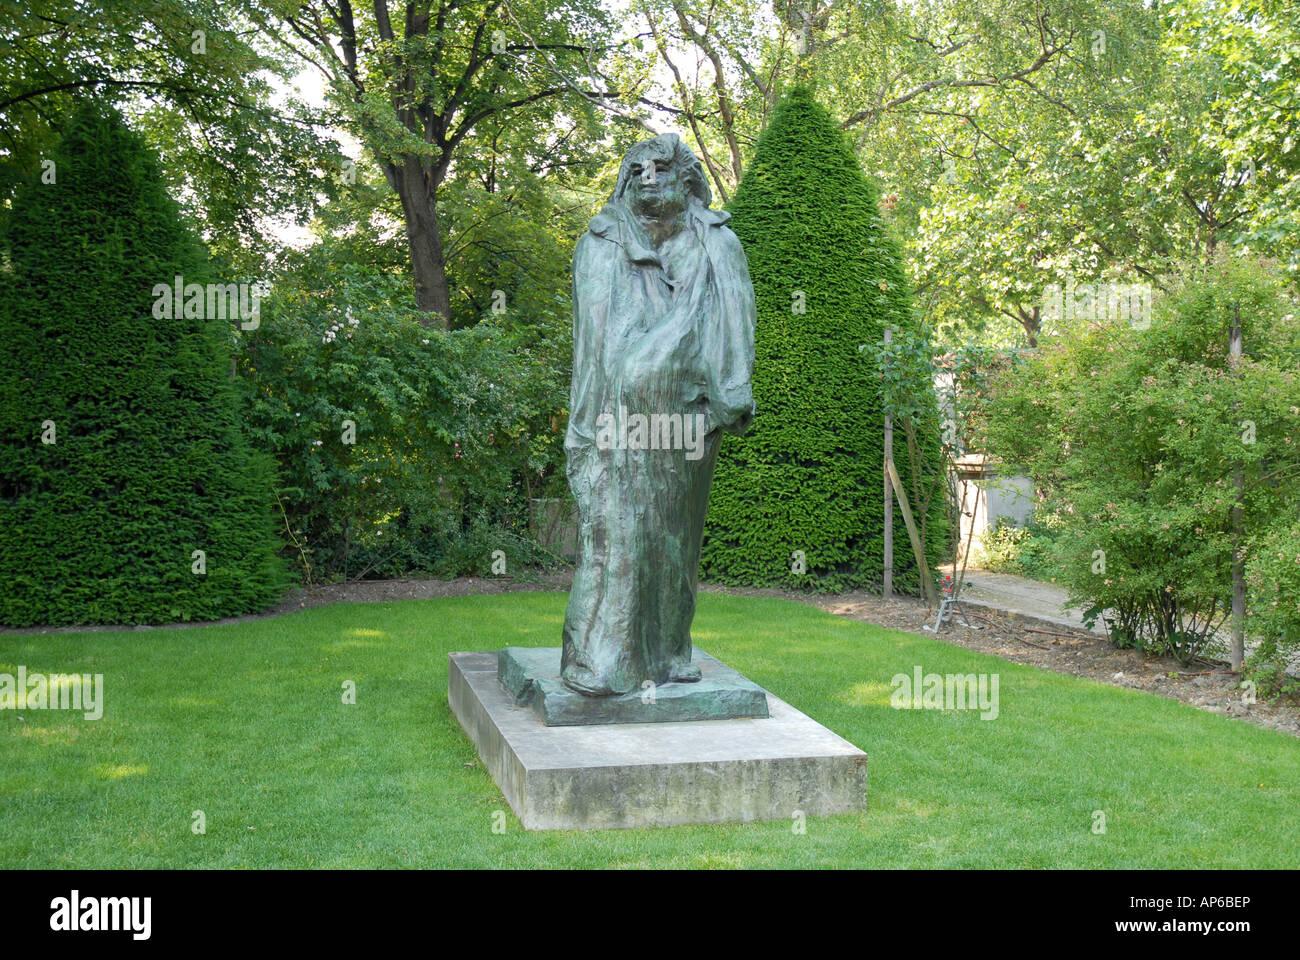 Sculpture By Auguste Rodin At The Museum 79 Rue De Varenne 75007 Paris